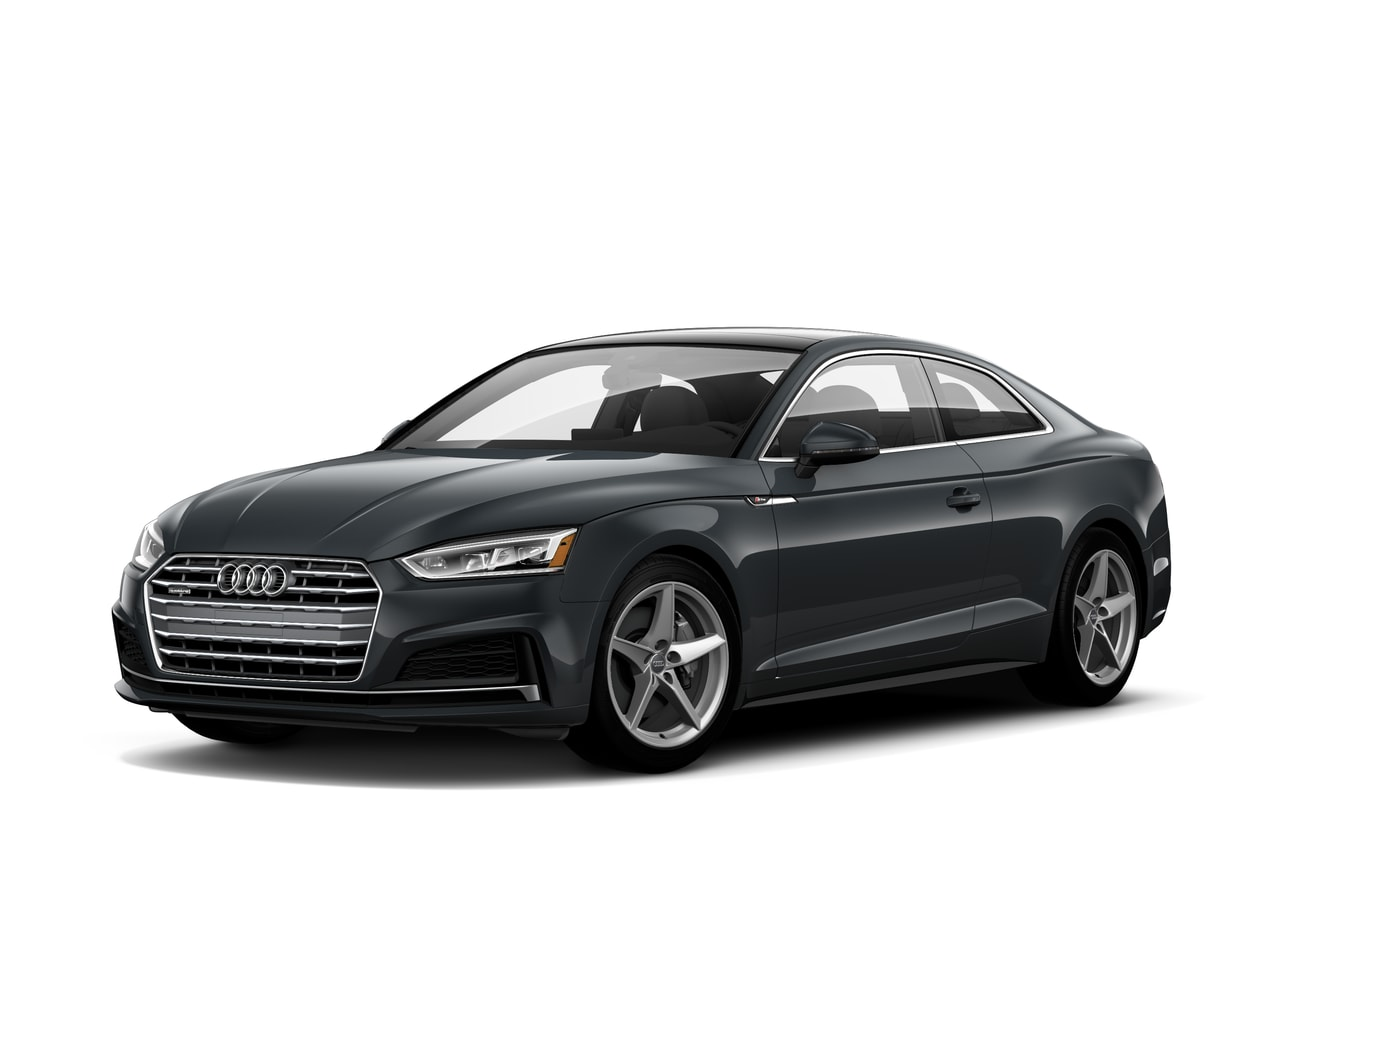 2019 Audi A5 Car